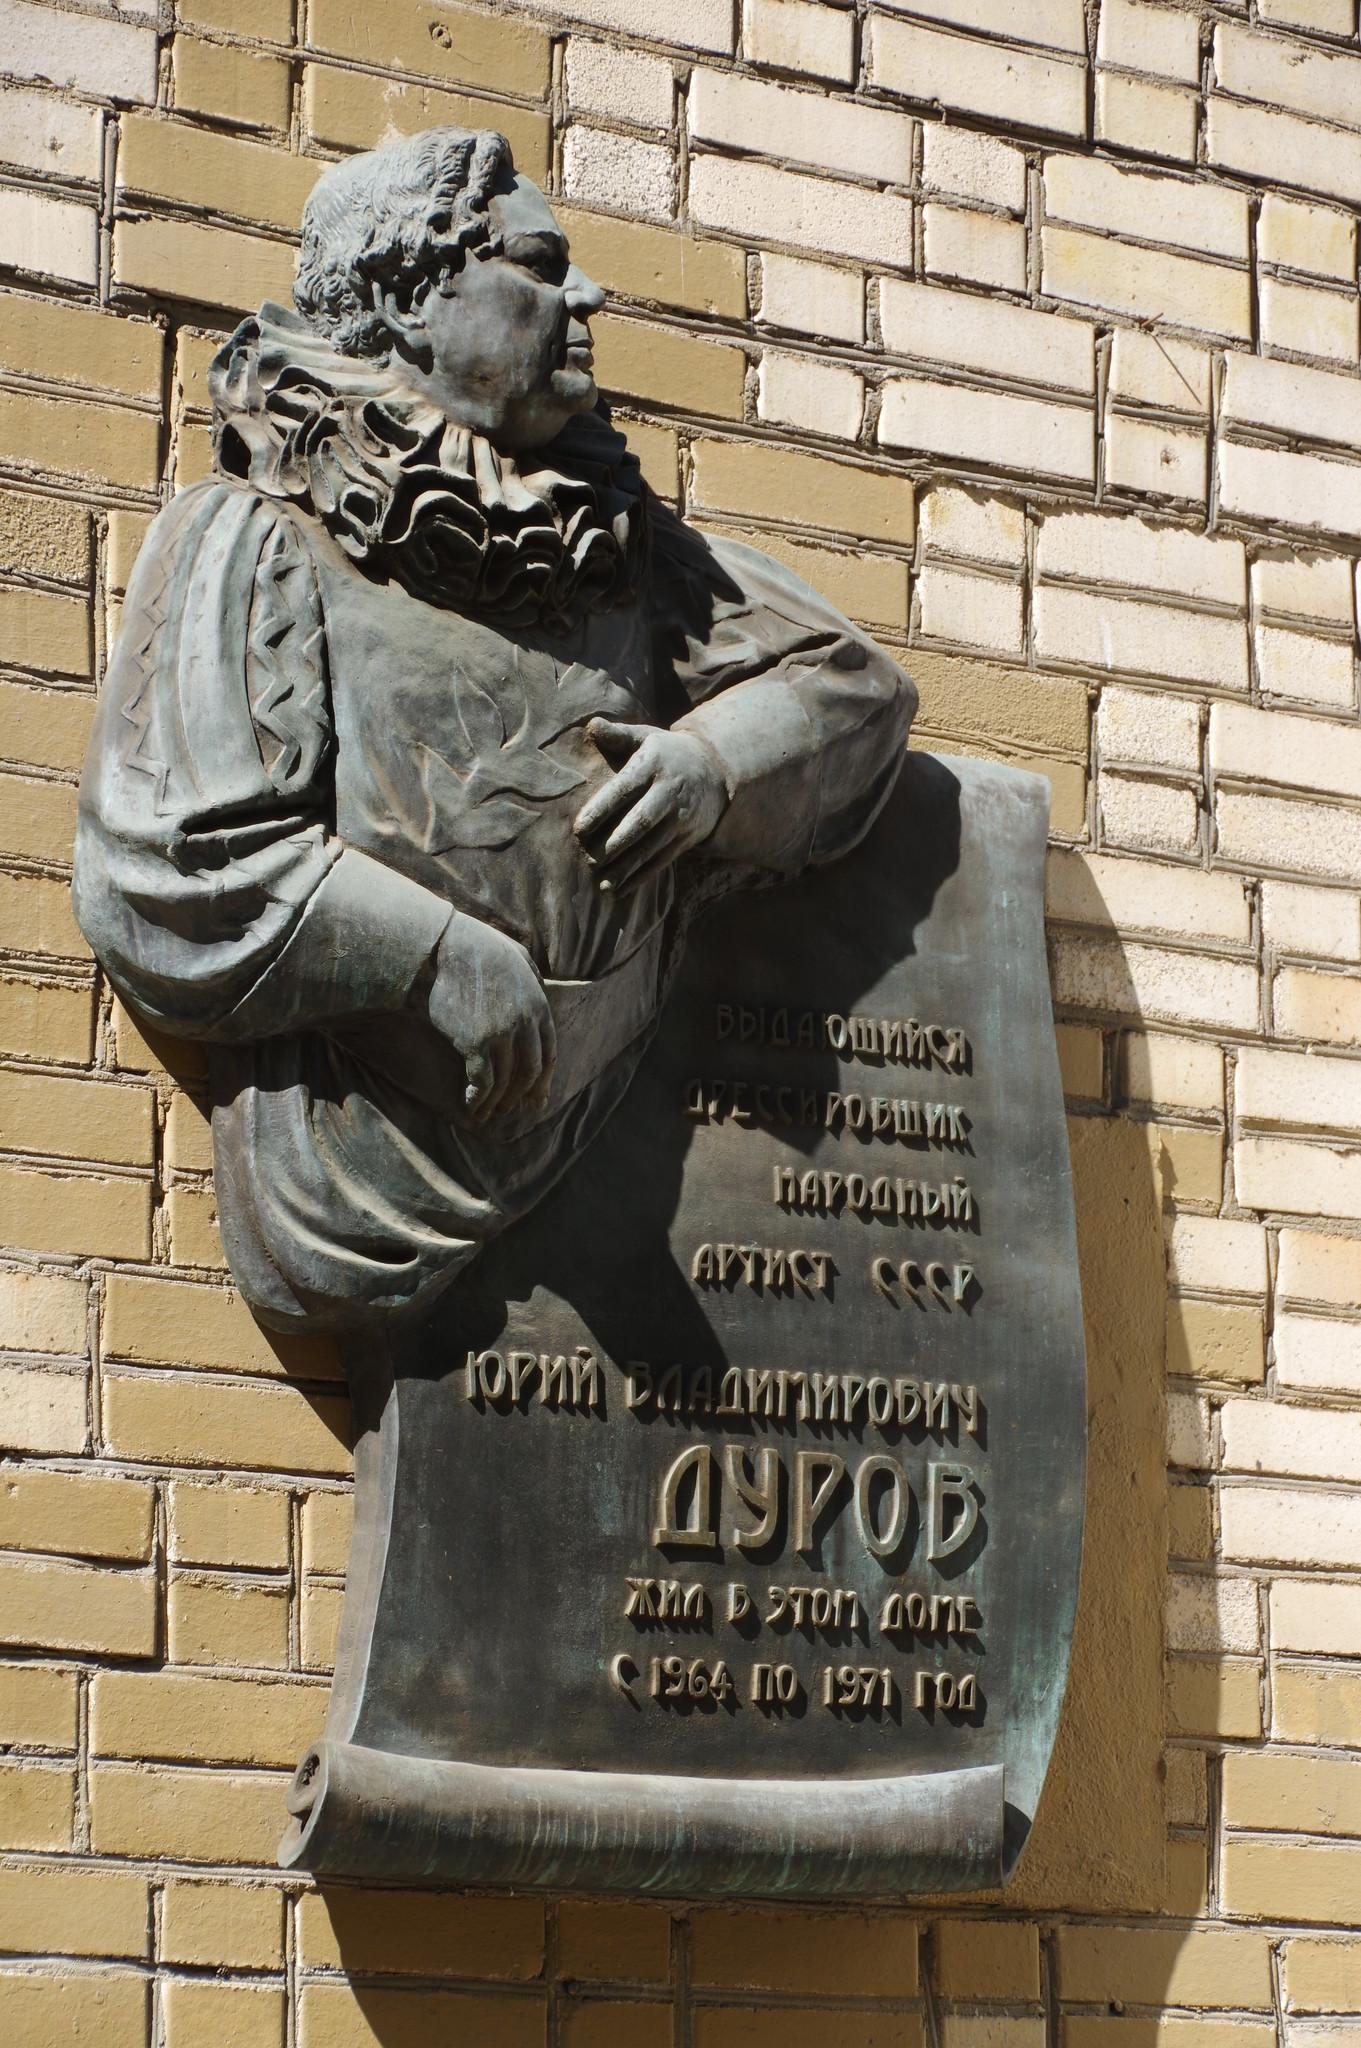 Мемориальная доска на улице Черняховского в Москве, где с 1964 года по 1971 год жил Народный артист СССР Юрий Владимирович Дуров